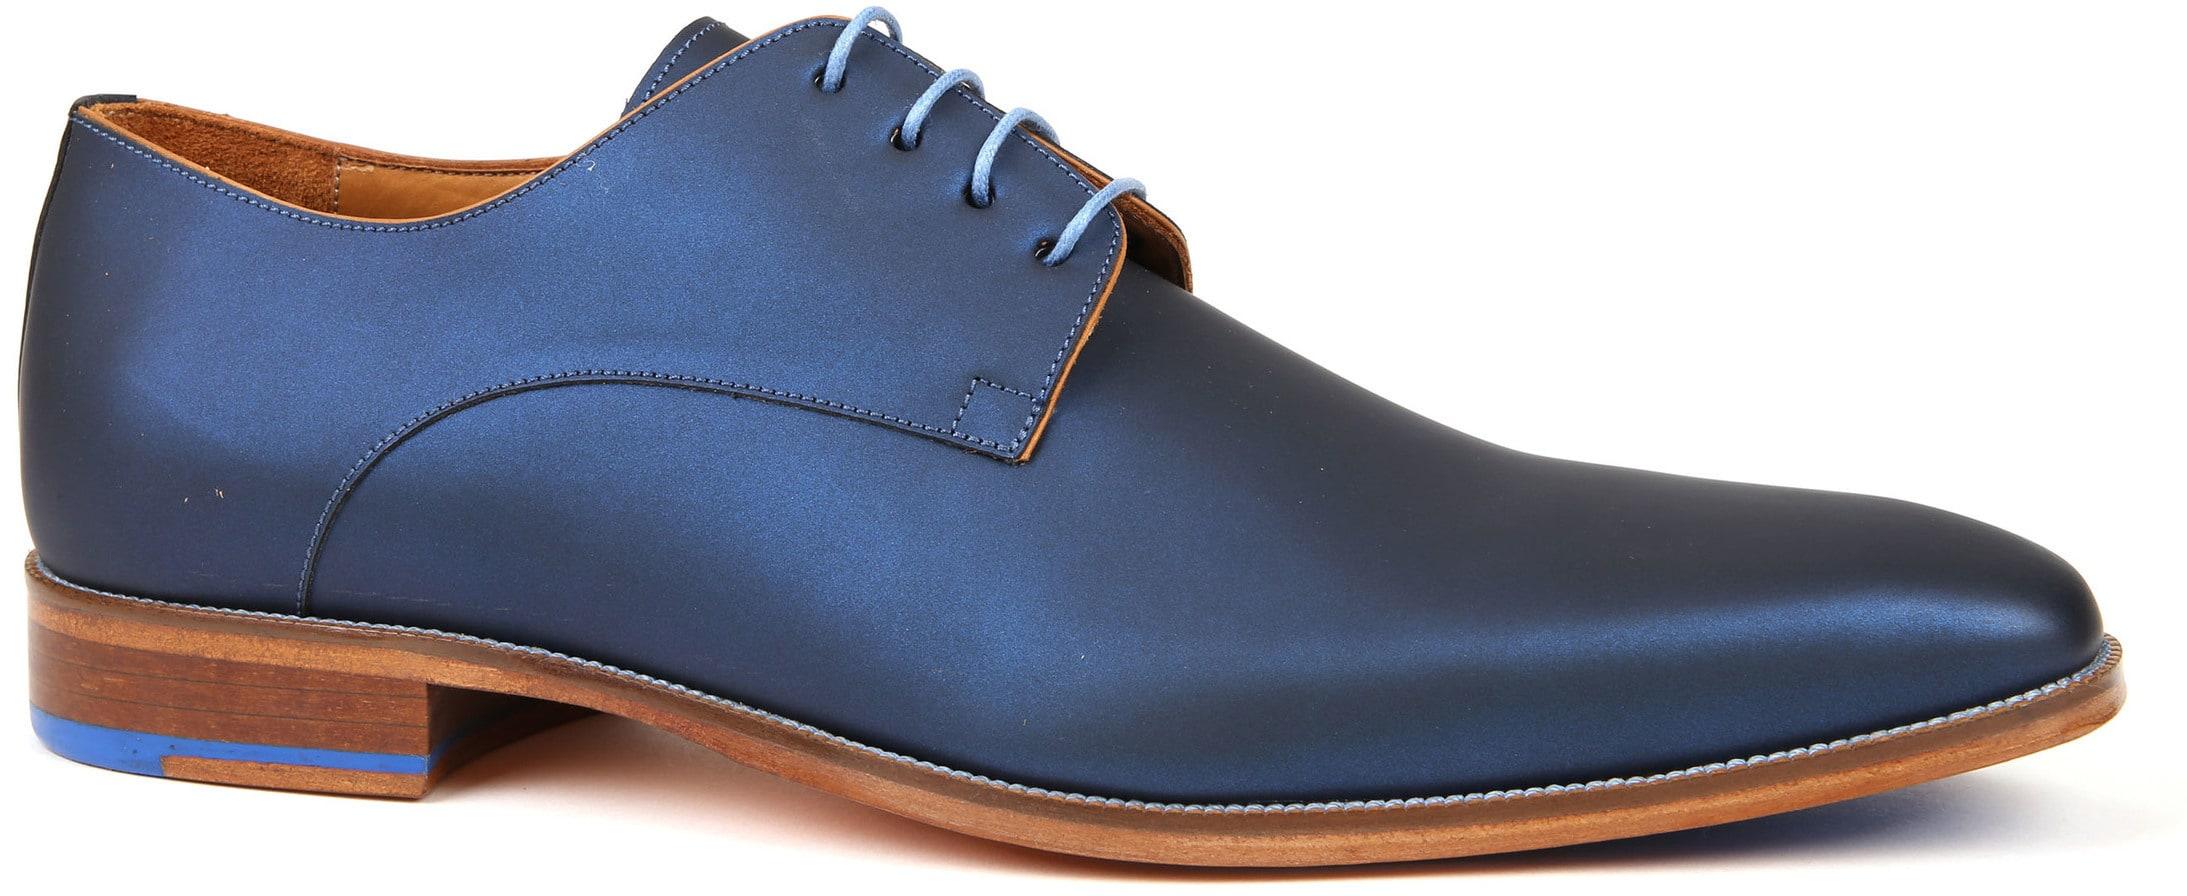 Melik Schoenen Orsino Blauw foto 0